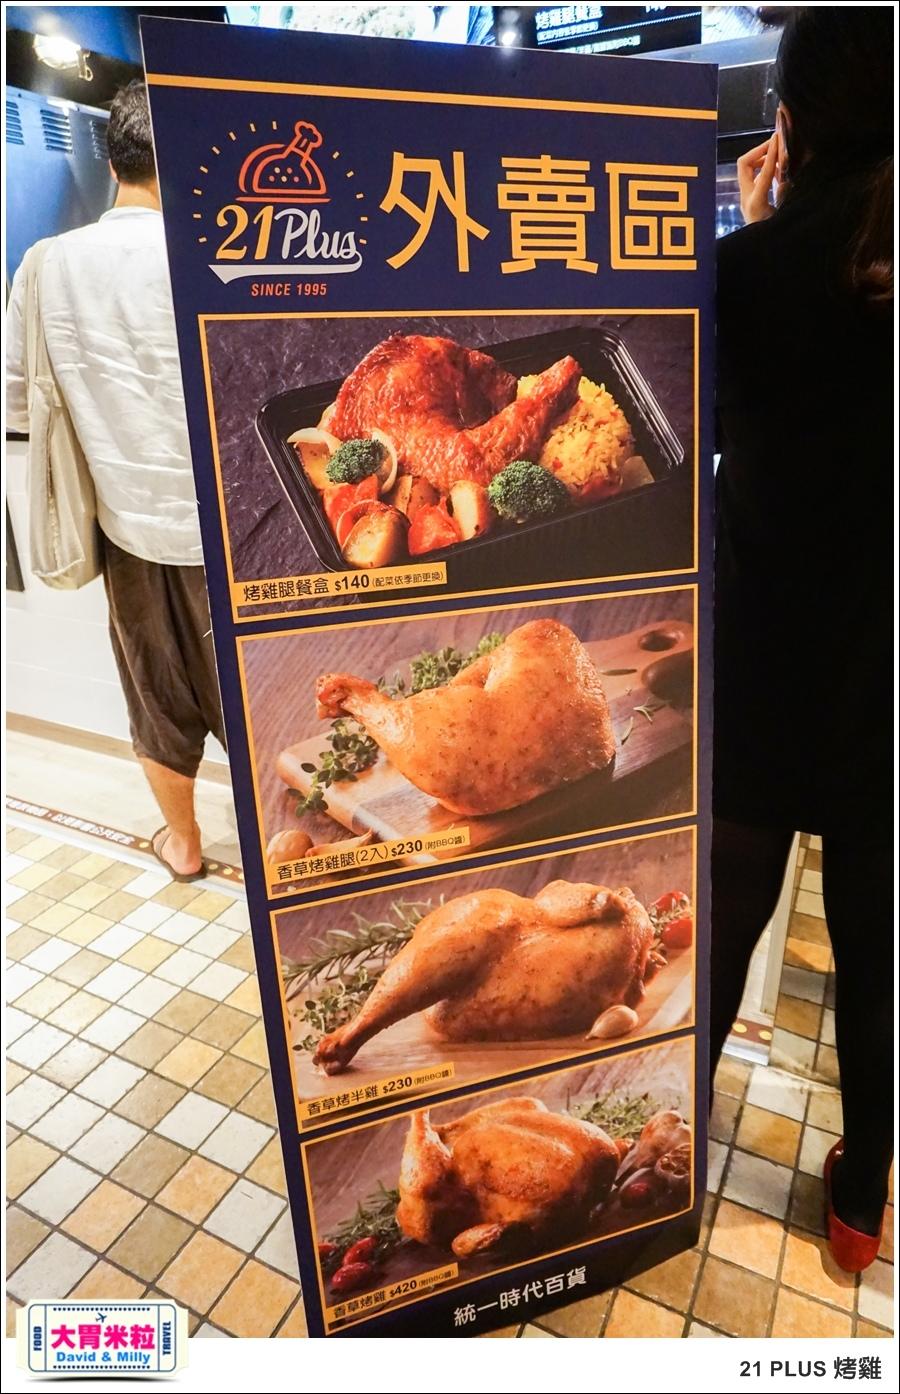 台北烤雞推薦@統一時代百貨 21 PULS烤雞@大胃米粒0031.jpg